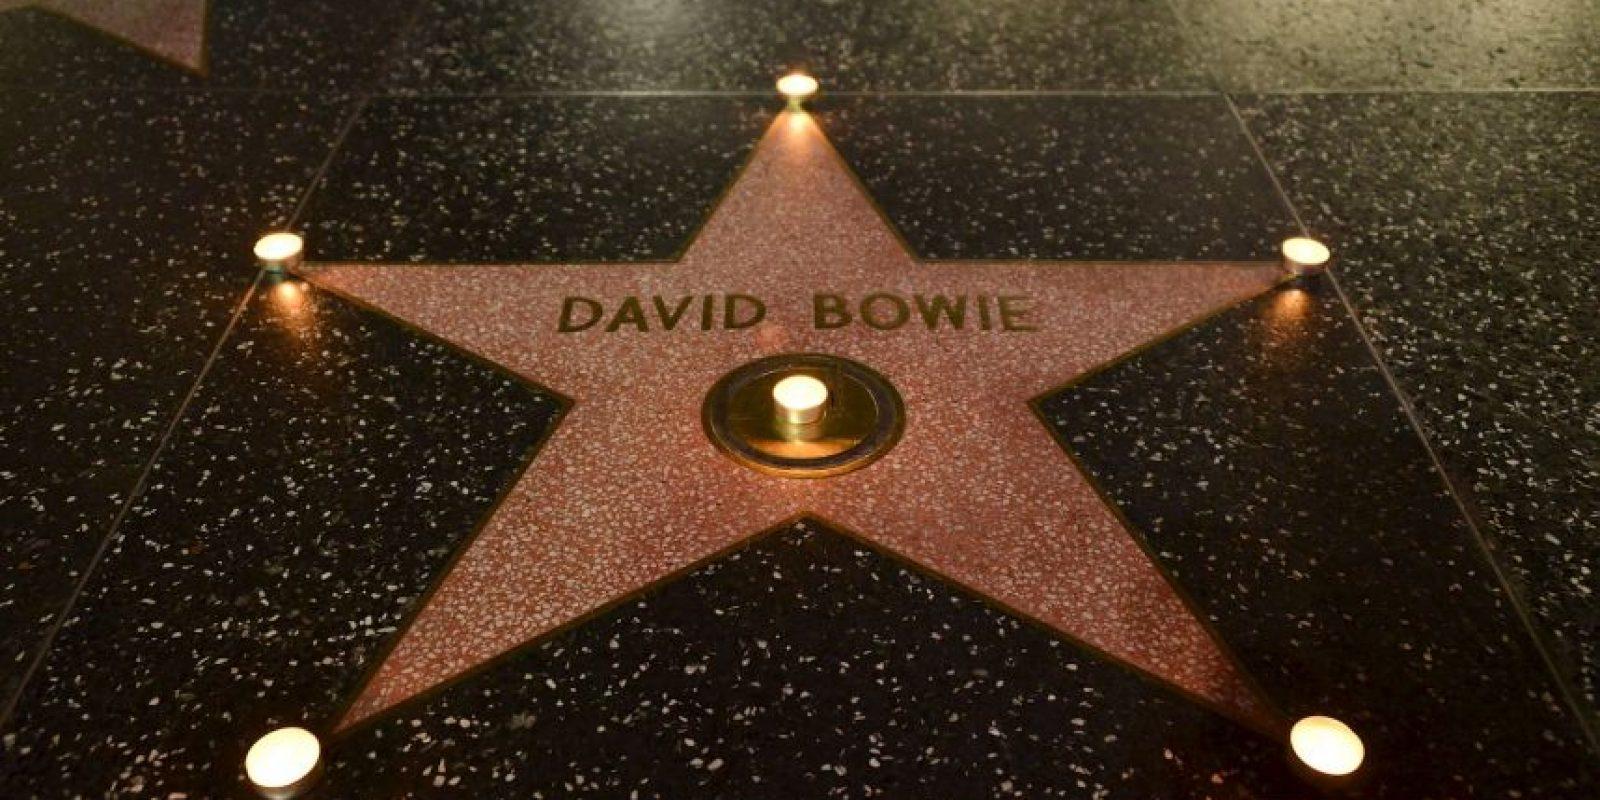 Bowie es homenajeado en el Paseo de la fama de Hollywood. Foto:AFP